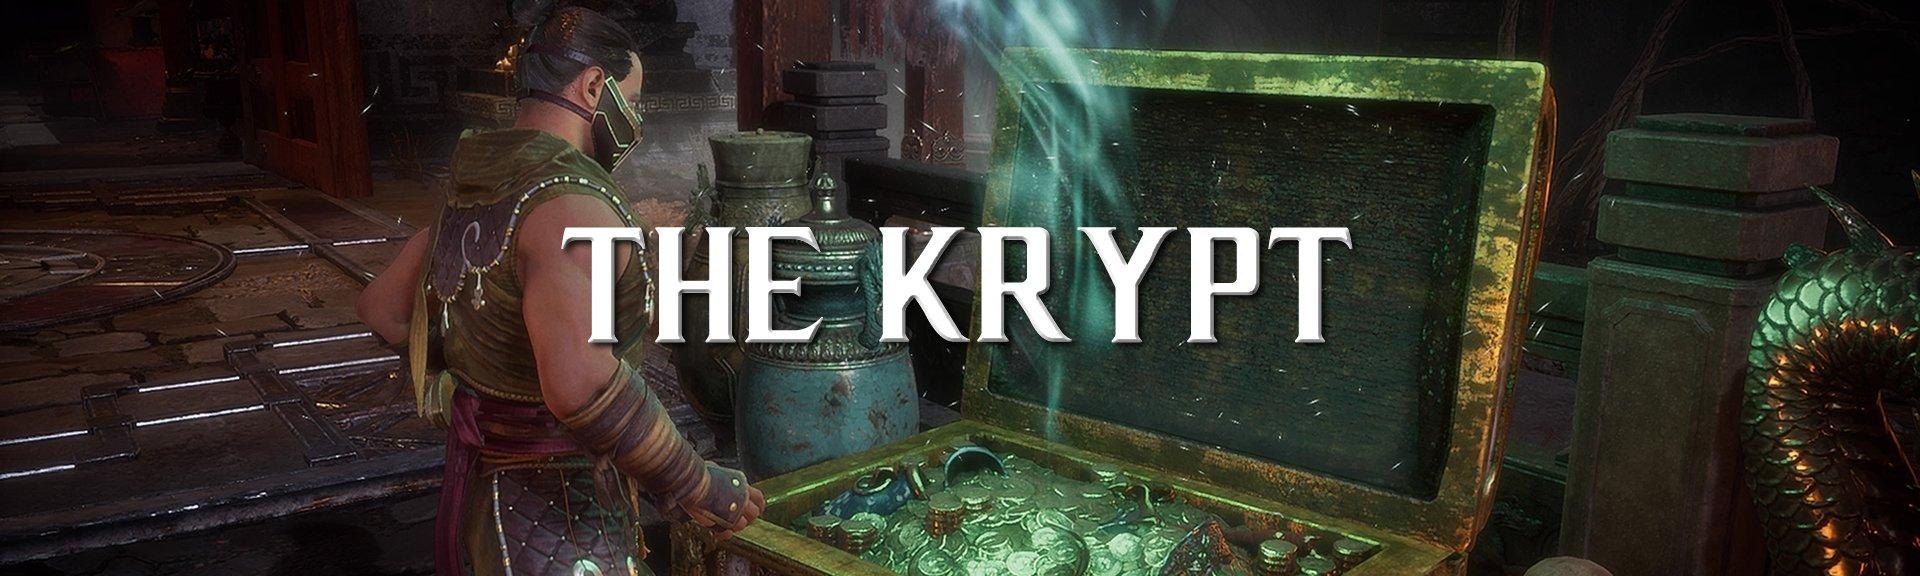 Mortal Kombat 11 walkthrough guide FAQ krypt unlockables